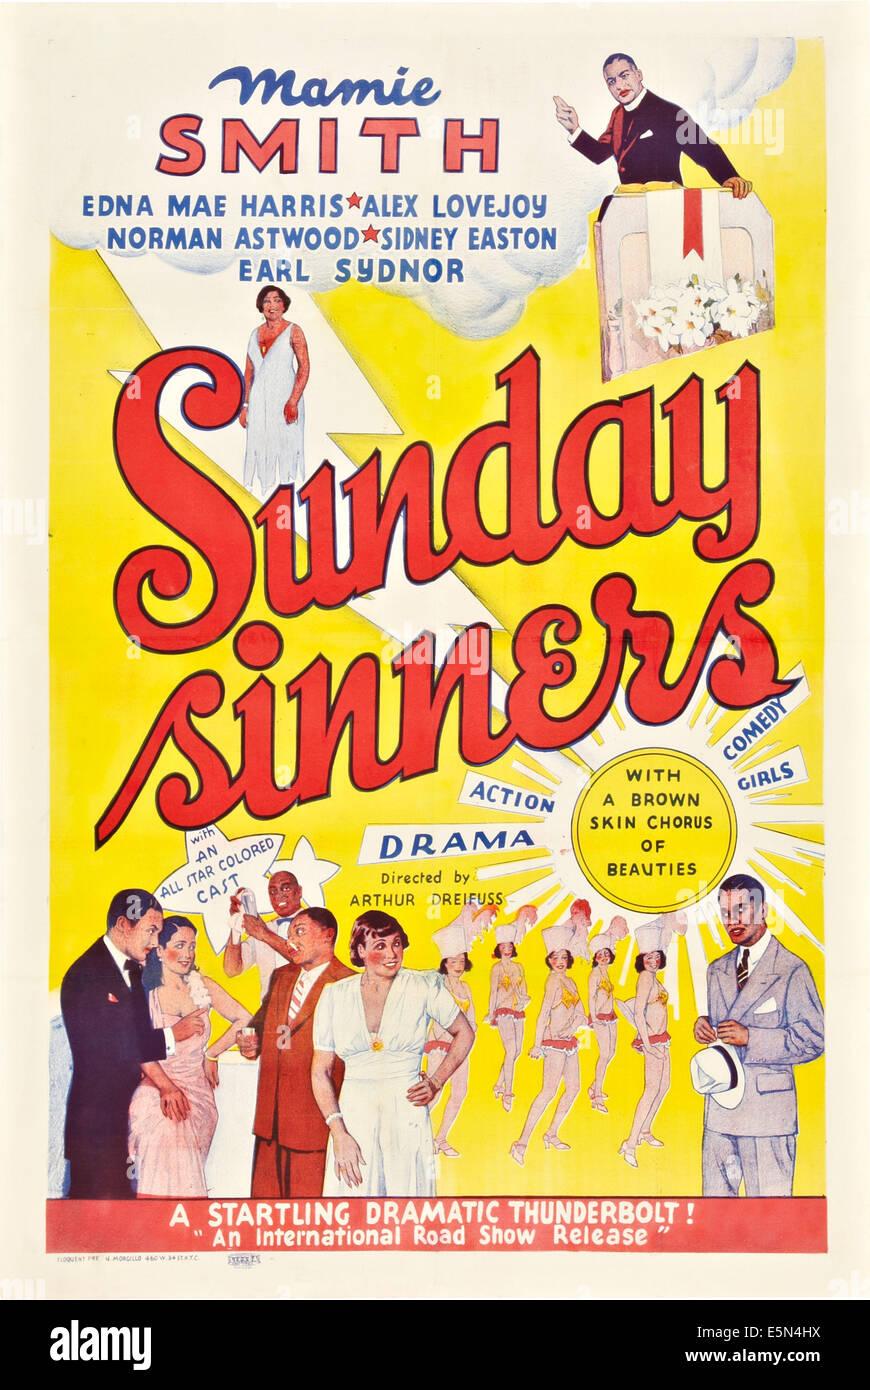 Domenica i peccatori, locandina, 1940 Immagini Stock